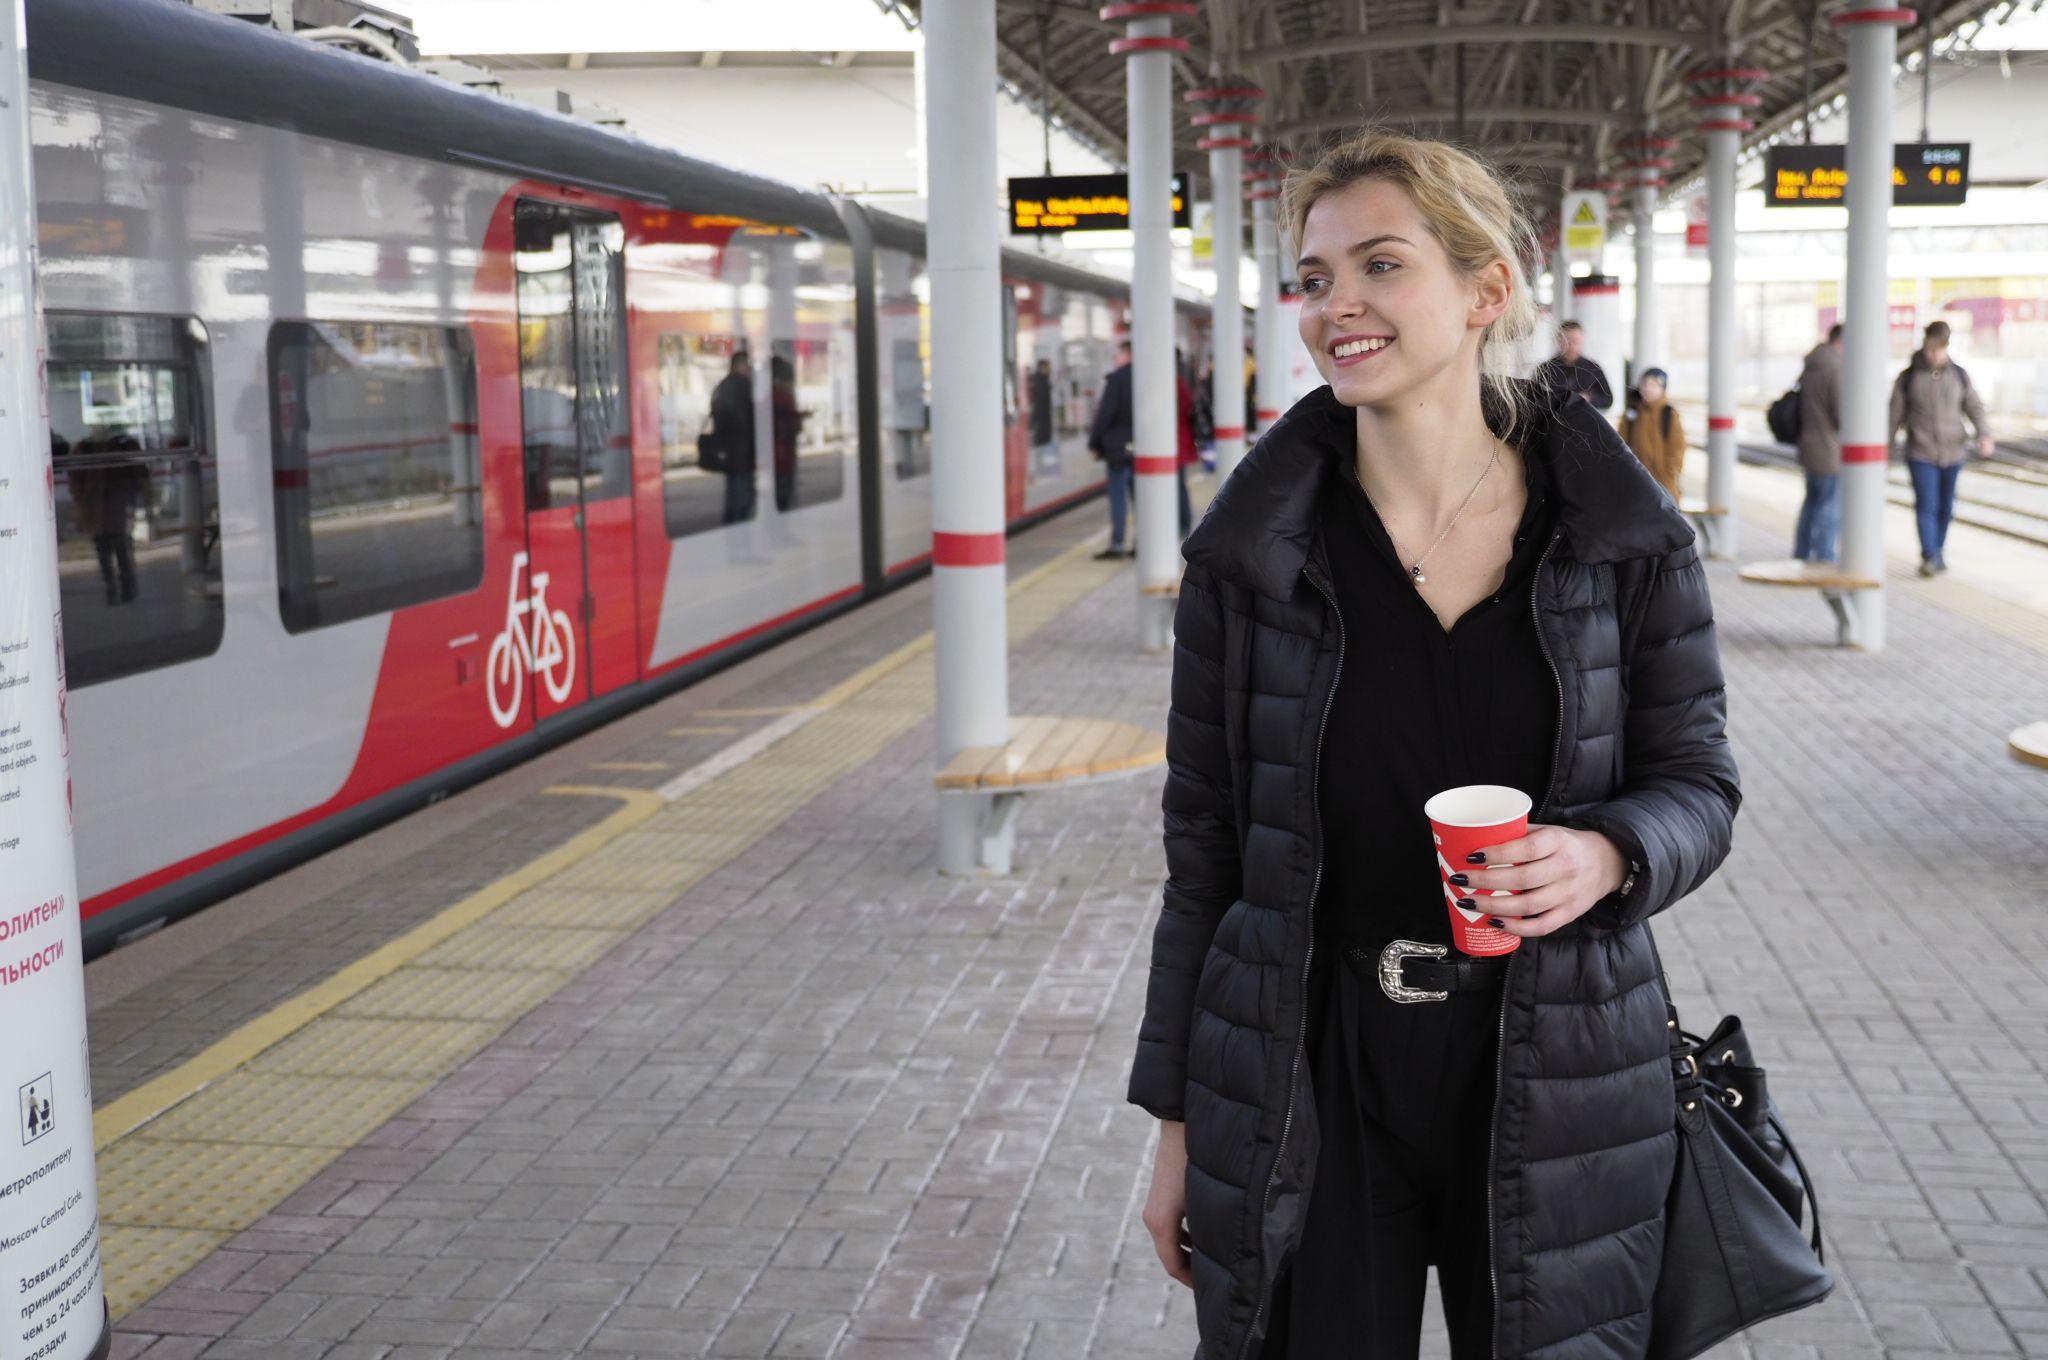 Ожидание поездов МЦК могут сократить до четных минут